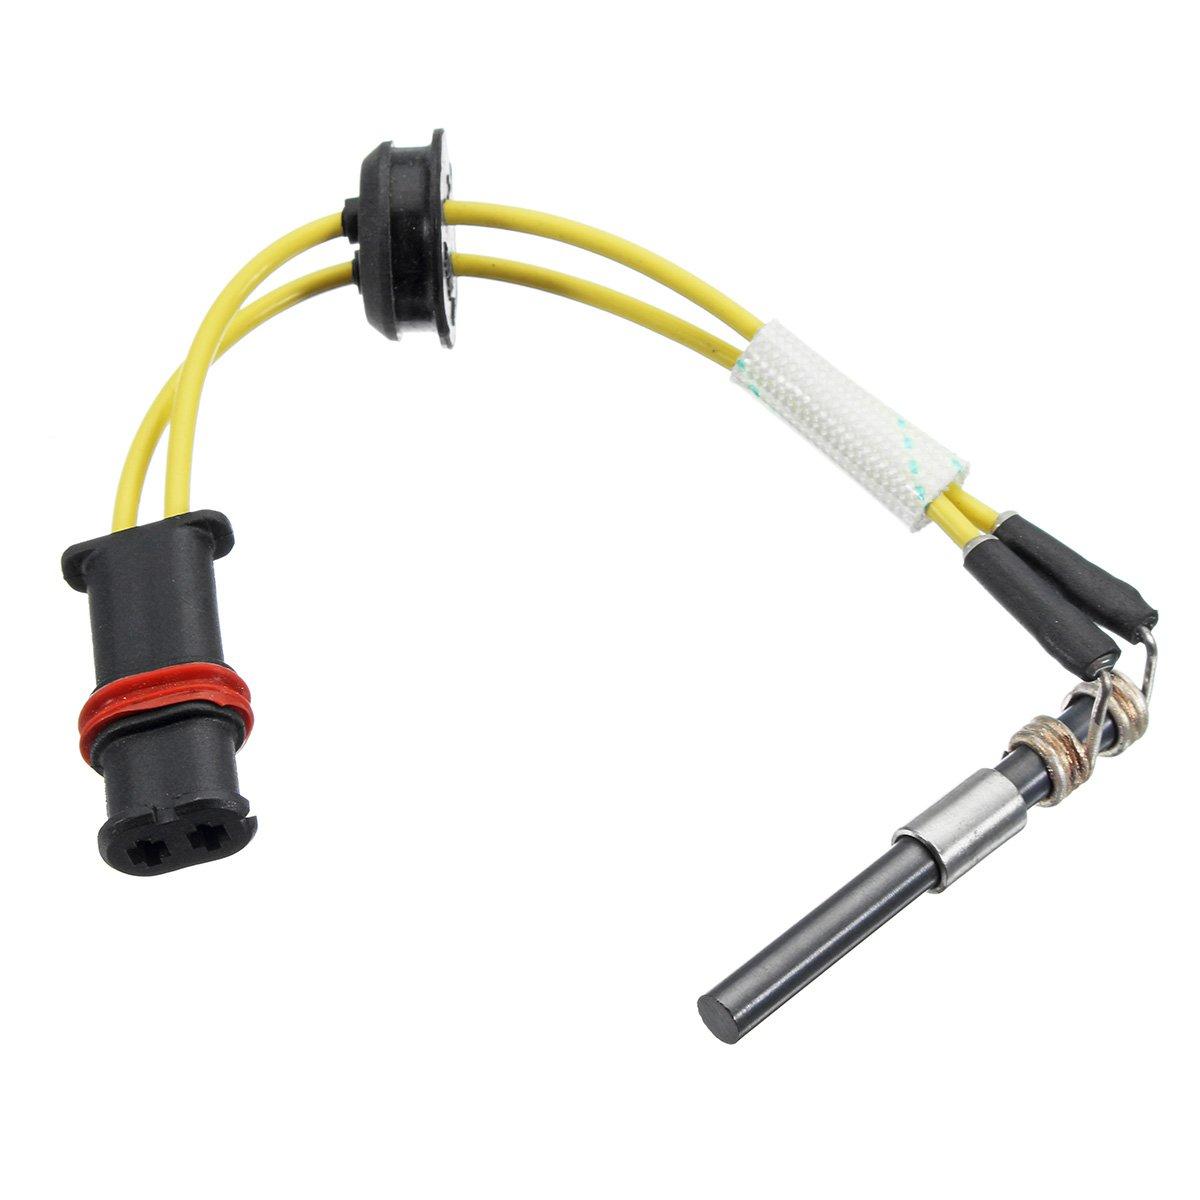 Viviance 24V Chauffe-Voiture en C/éramique Glow Plug pour Webasto Air Top 2000St 9005087A